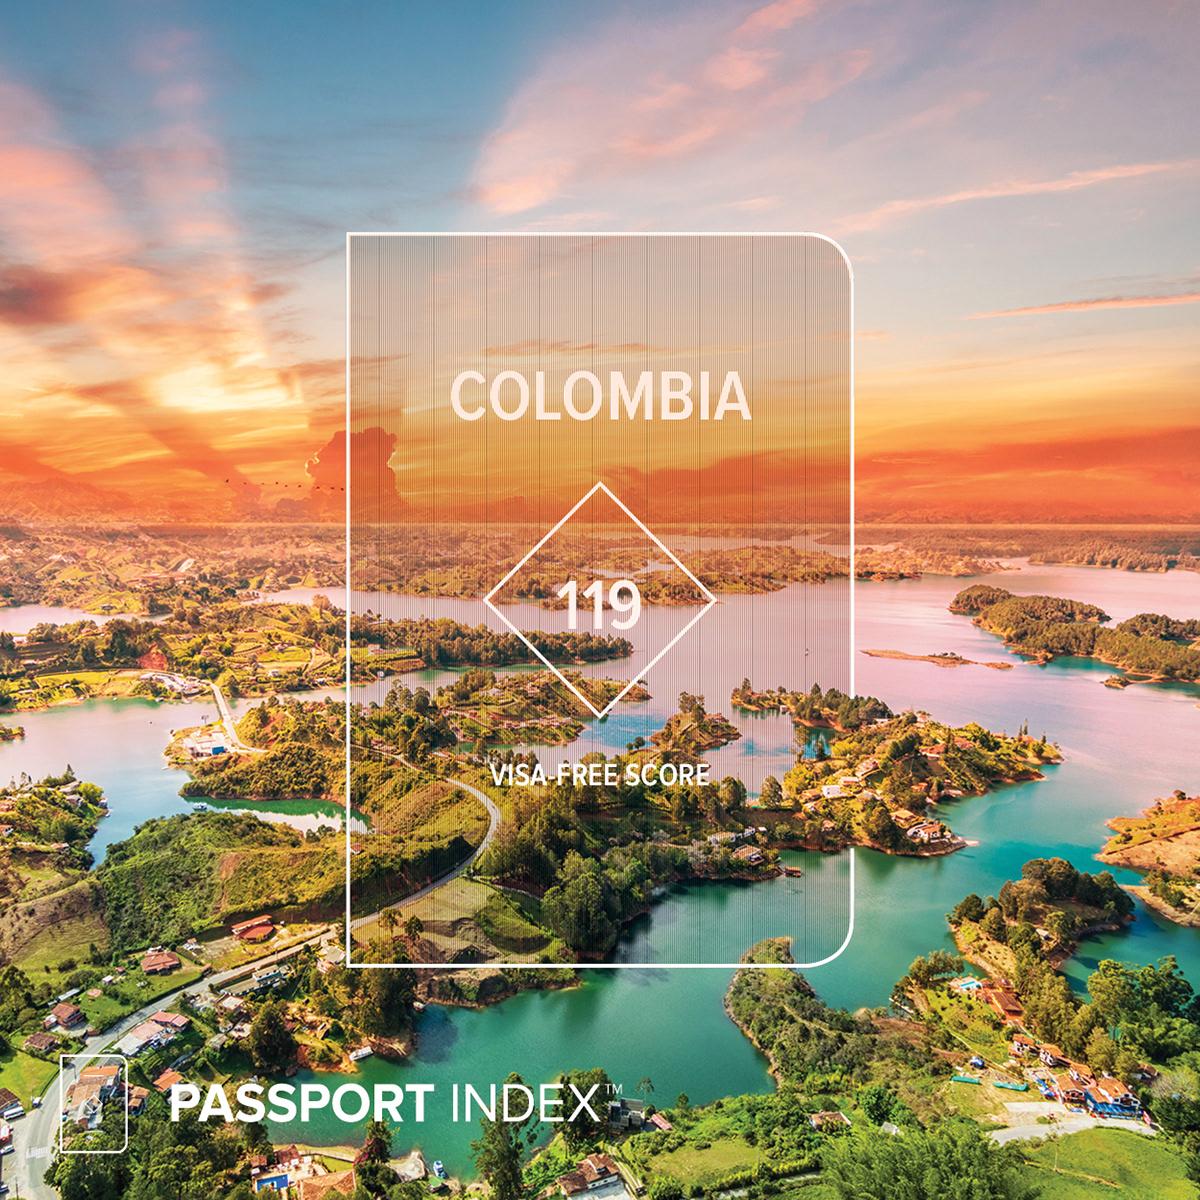 Passport Index - Instagram Campaign on Behance